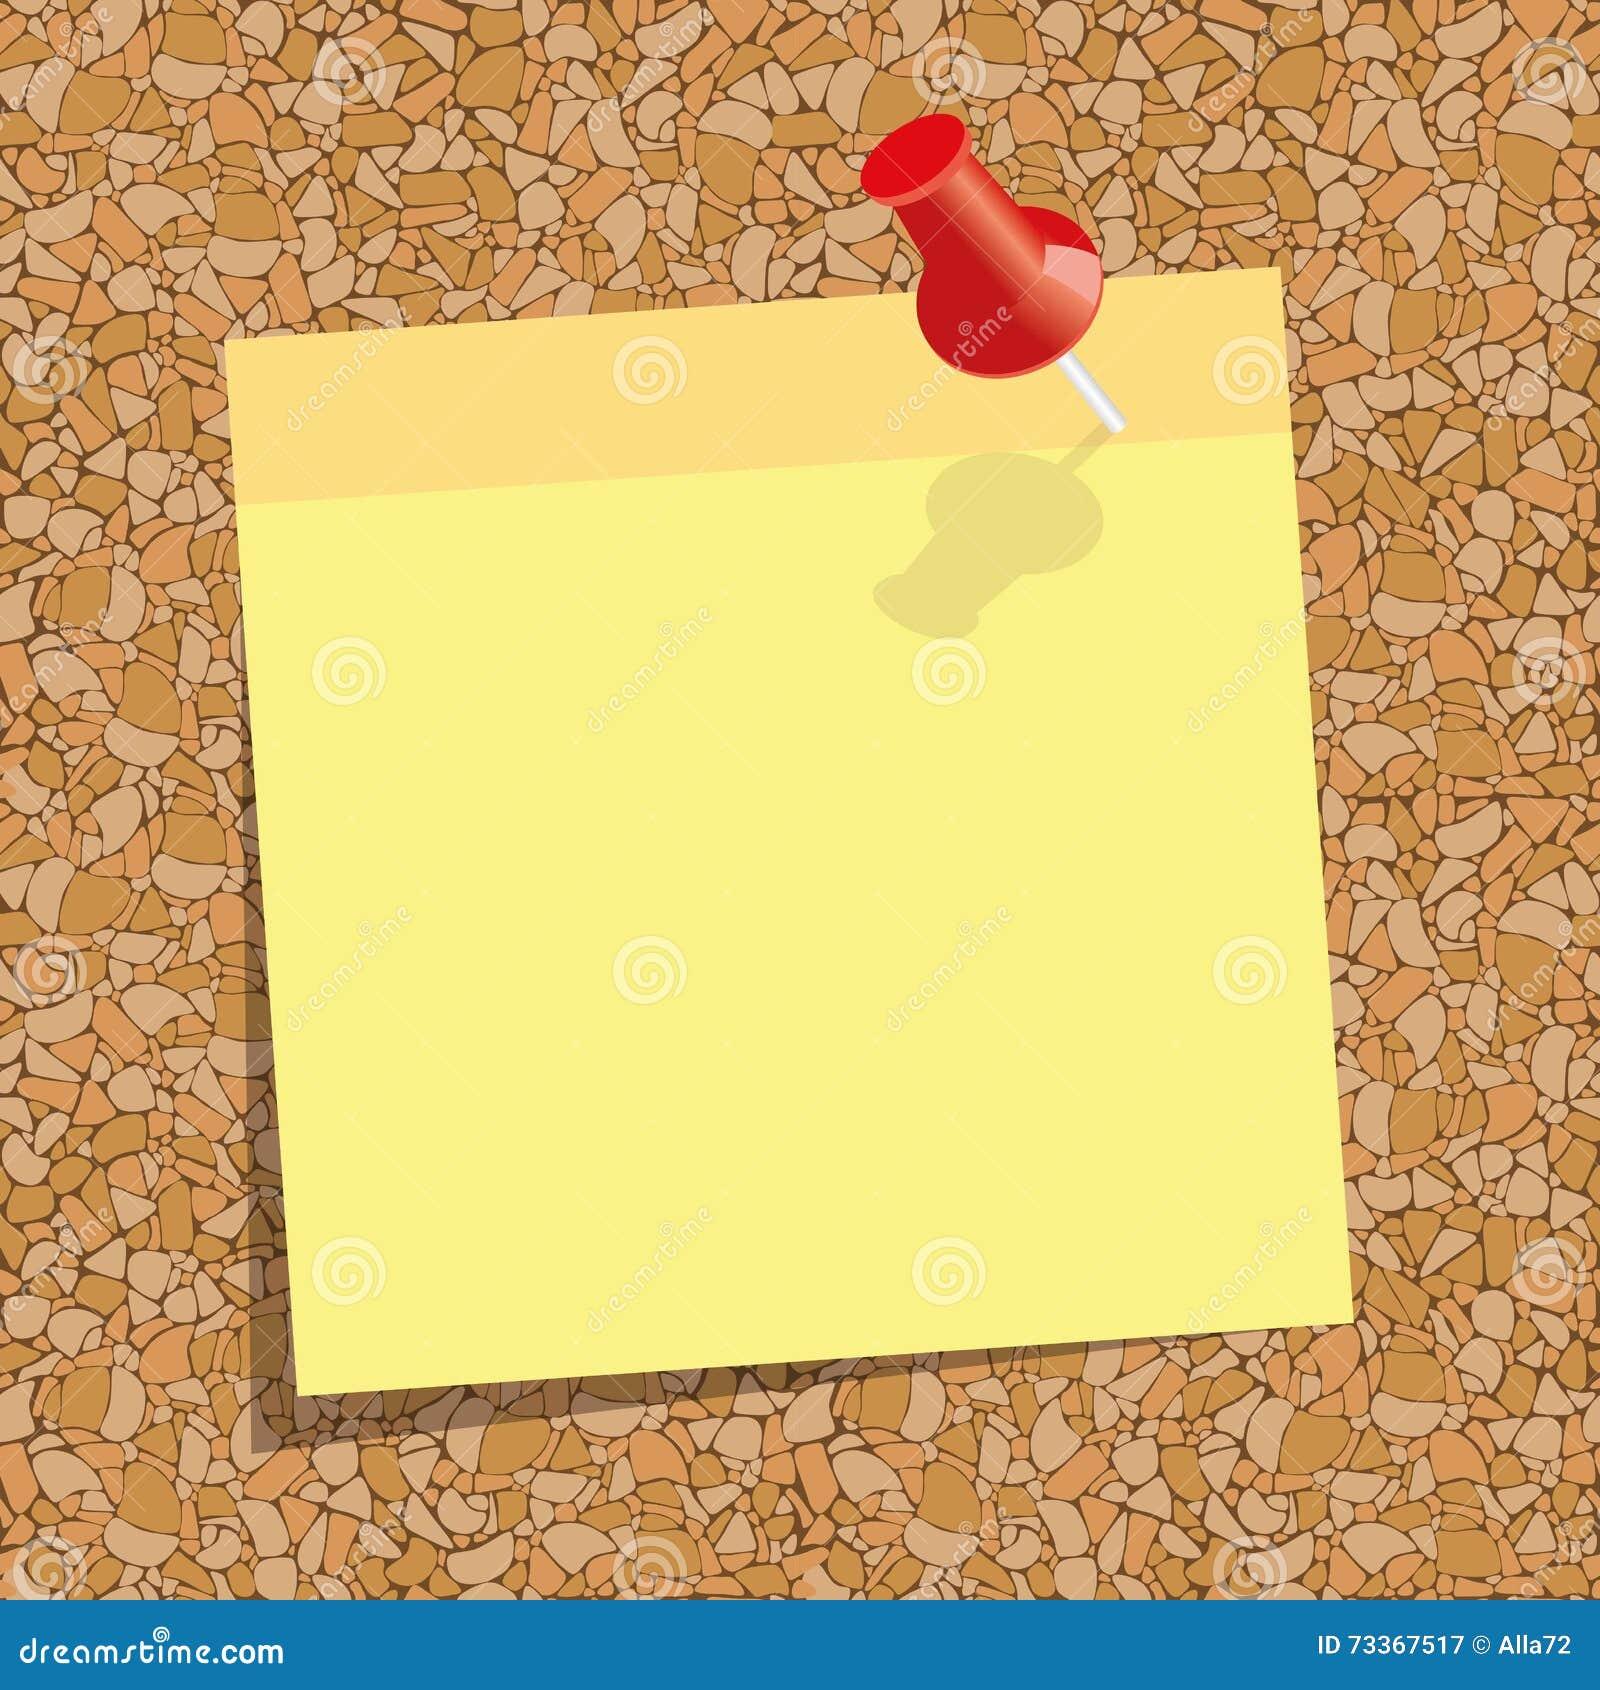 free wallpaper cork board